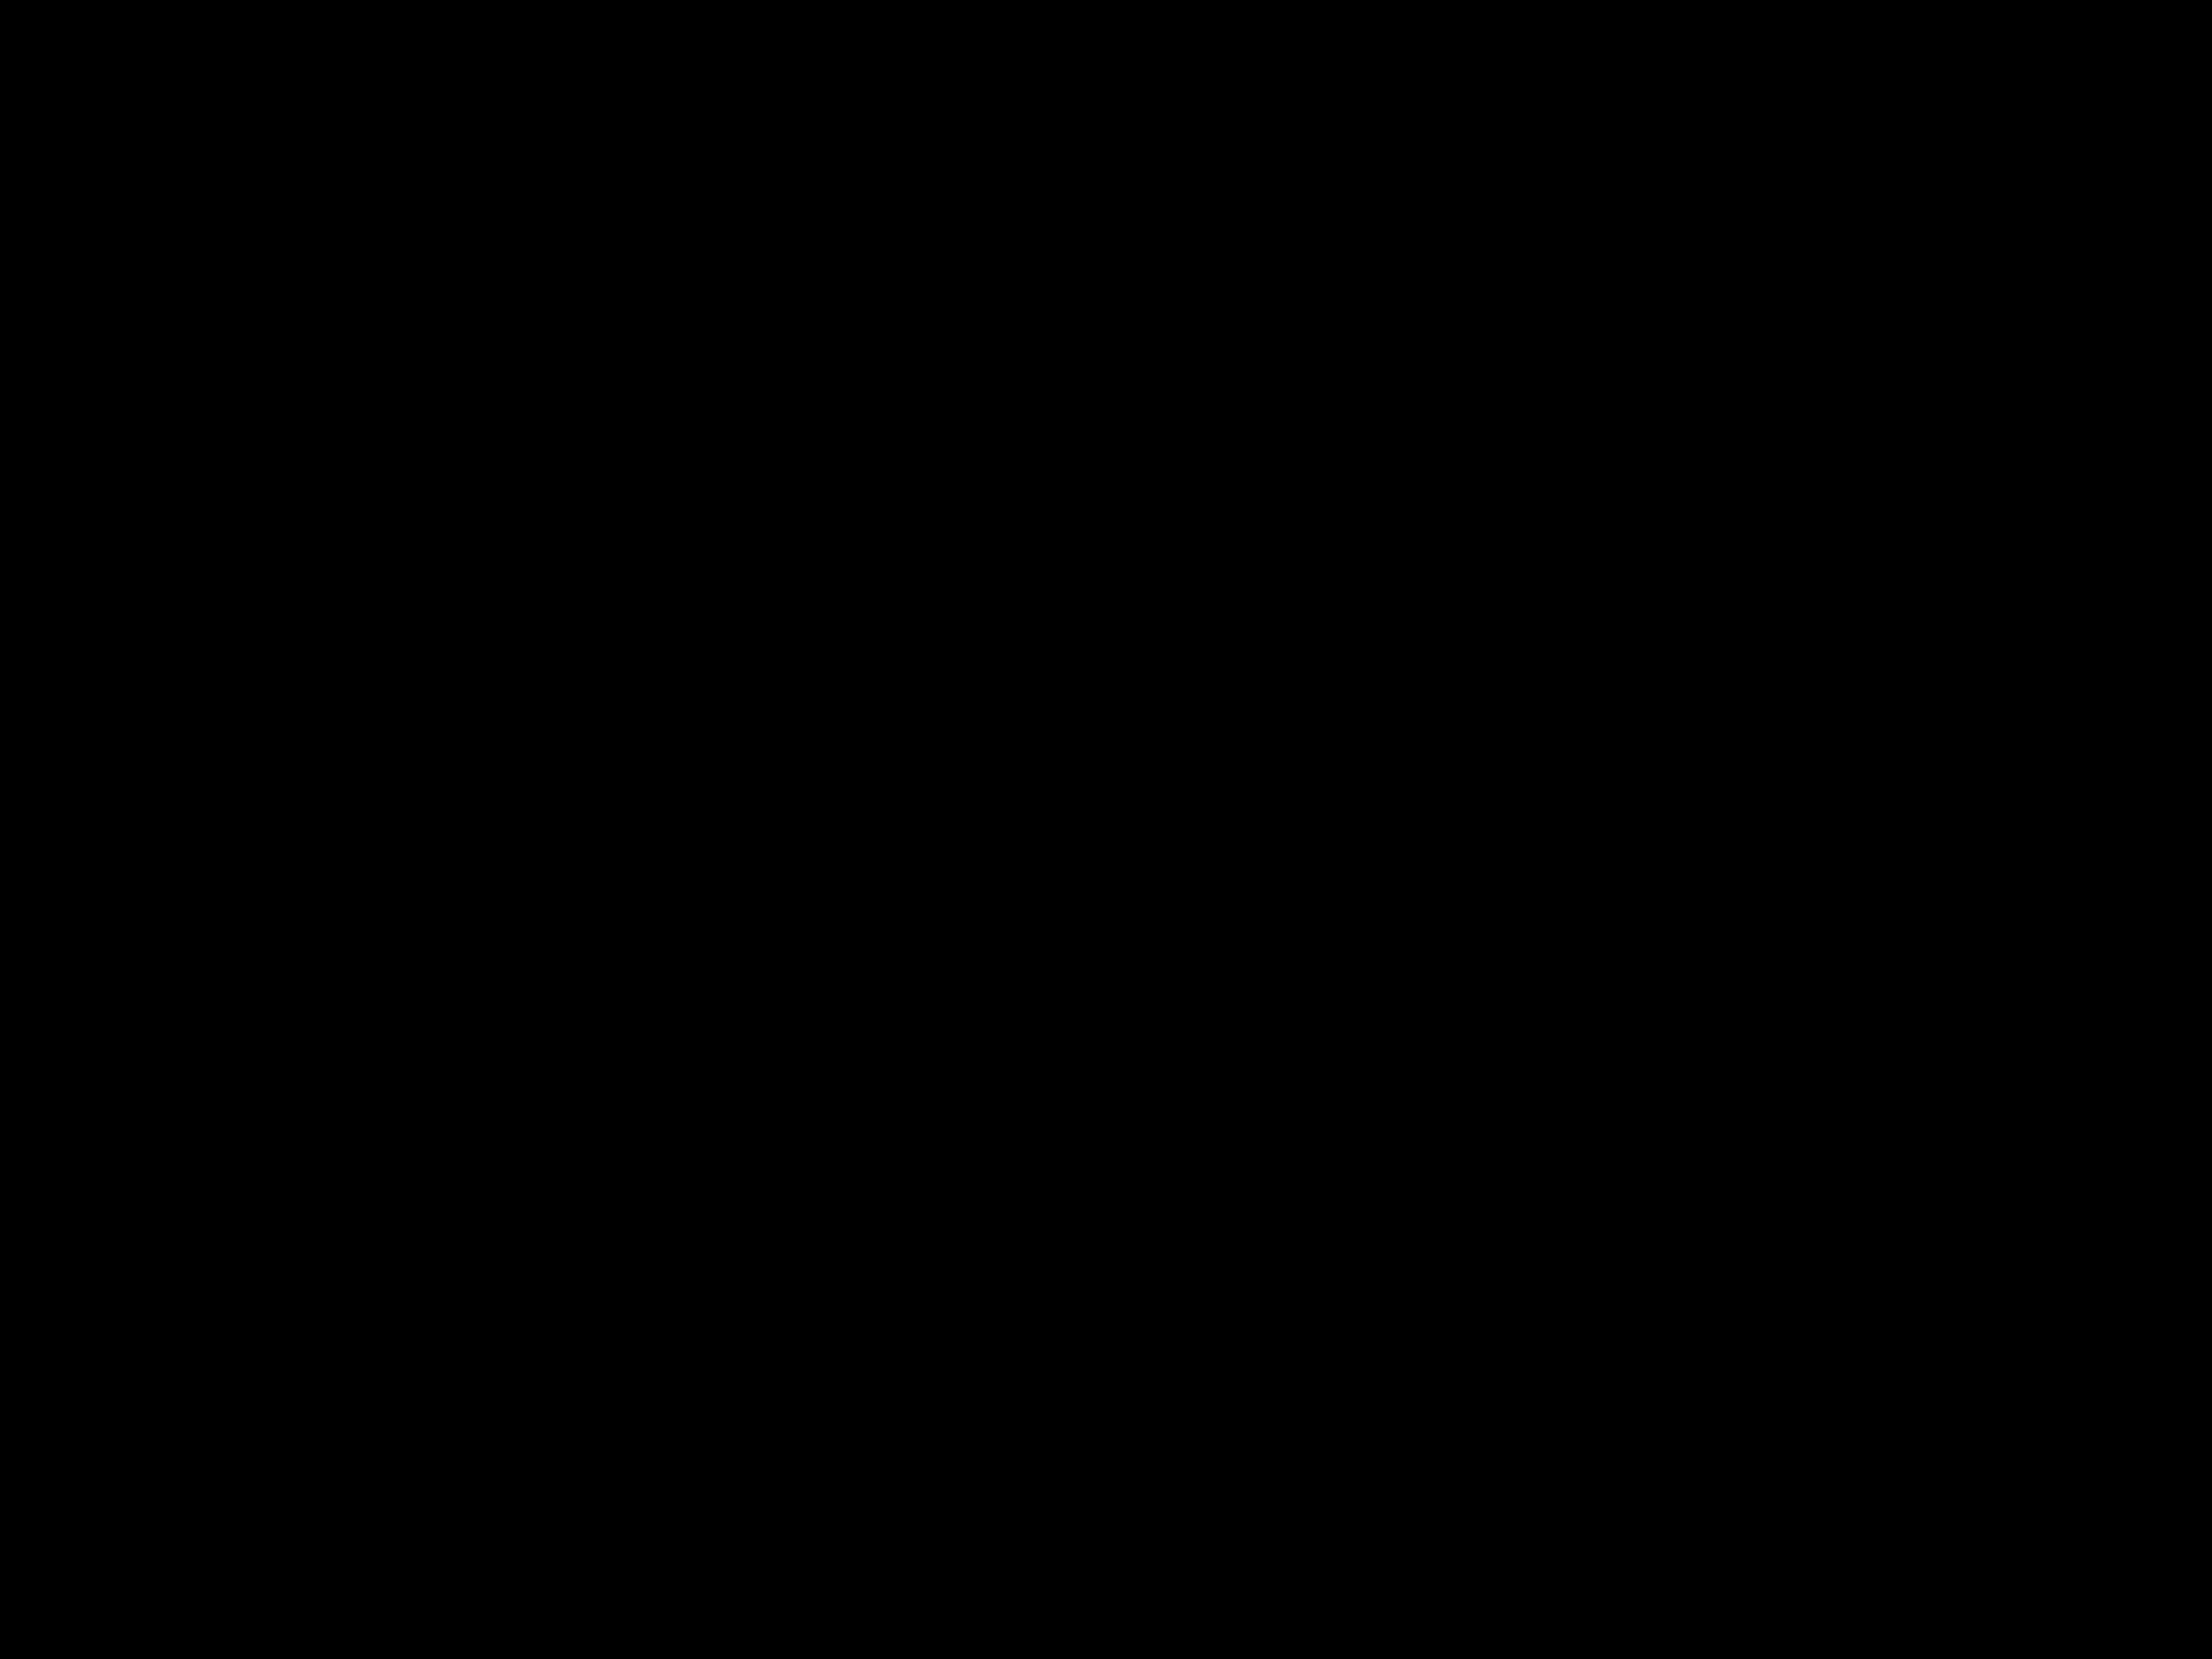 维益食品(苏州)有限公司